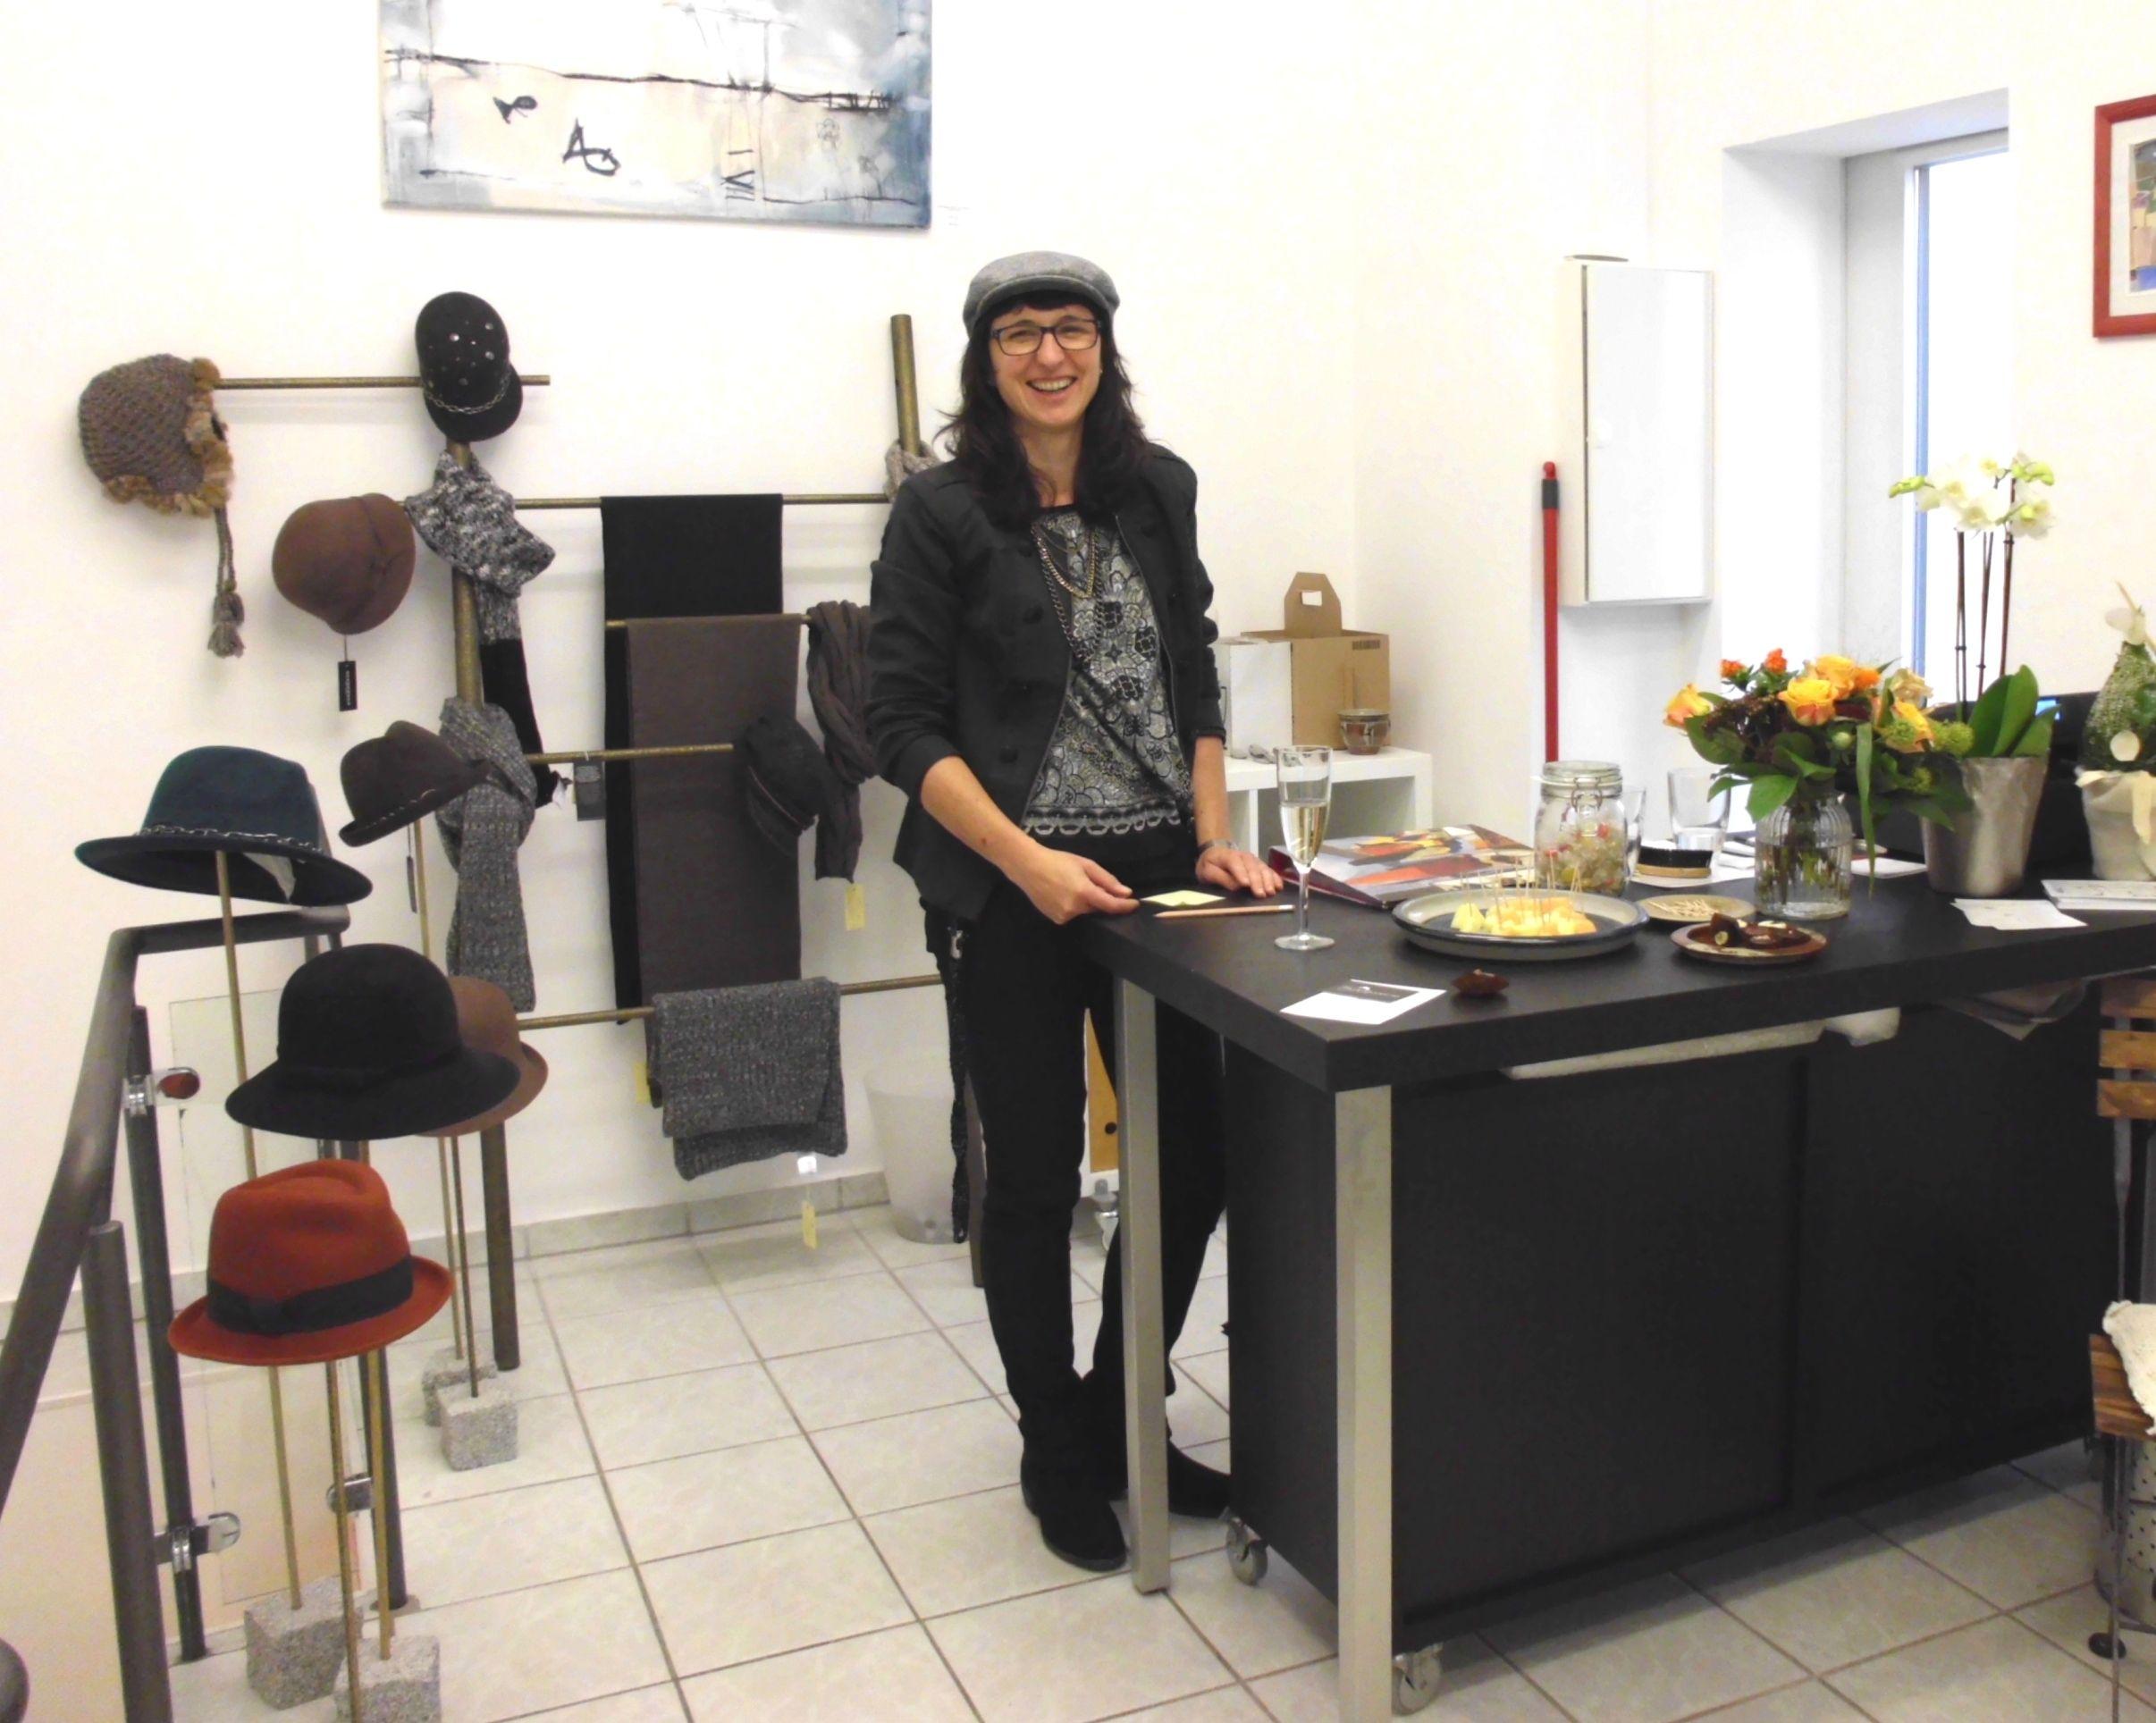 Weitere Informationen unter http://www.hutgalerie-bayreuth.de